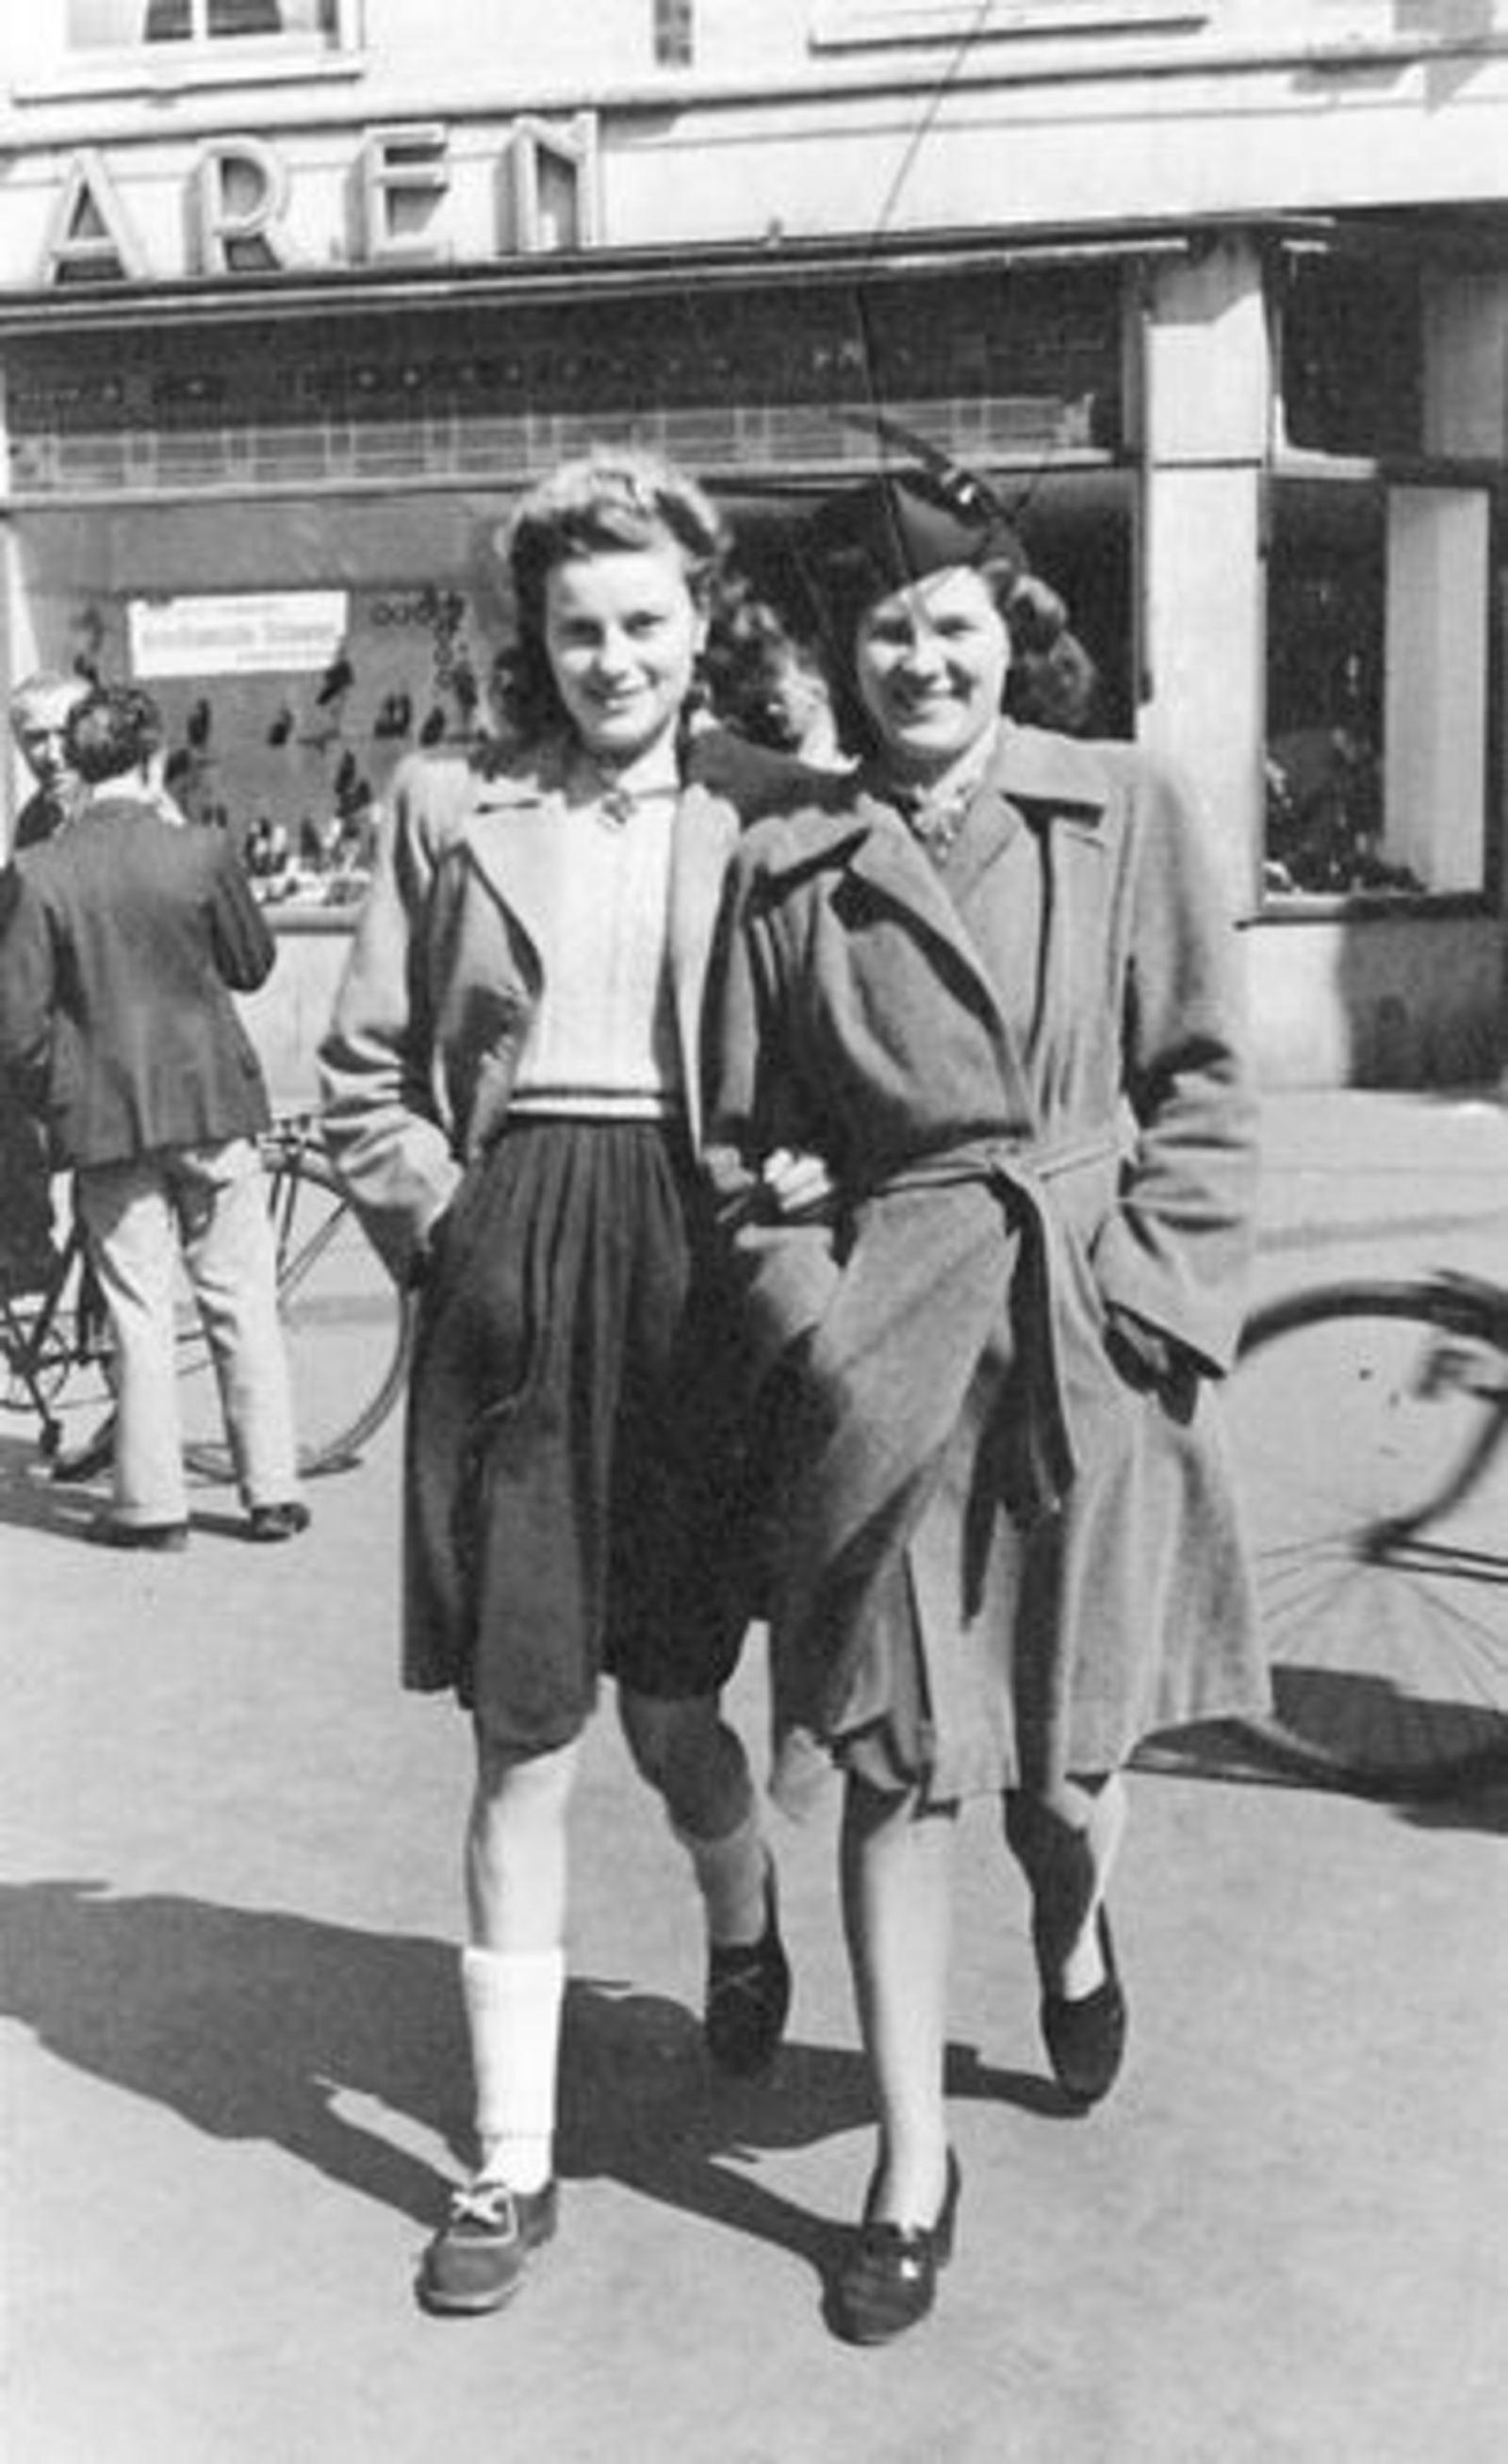 Bliek Jannie 1927 1947 met Onbekende Vriendin in Haarlem